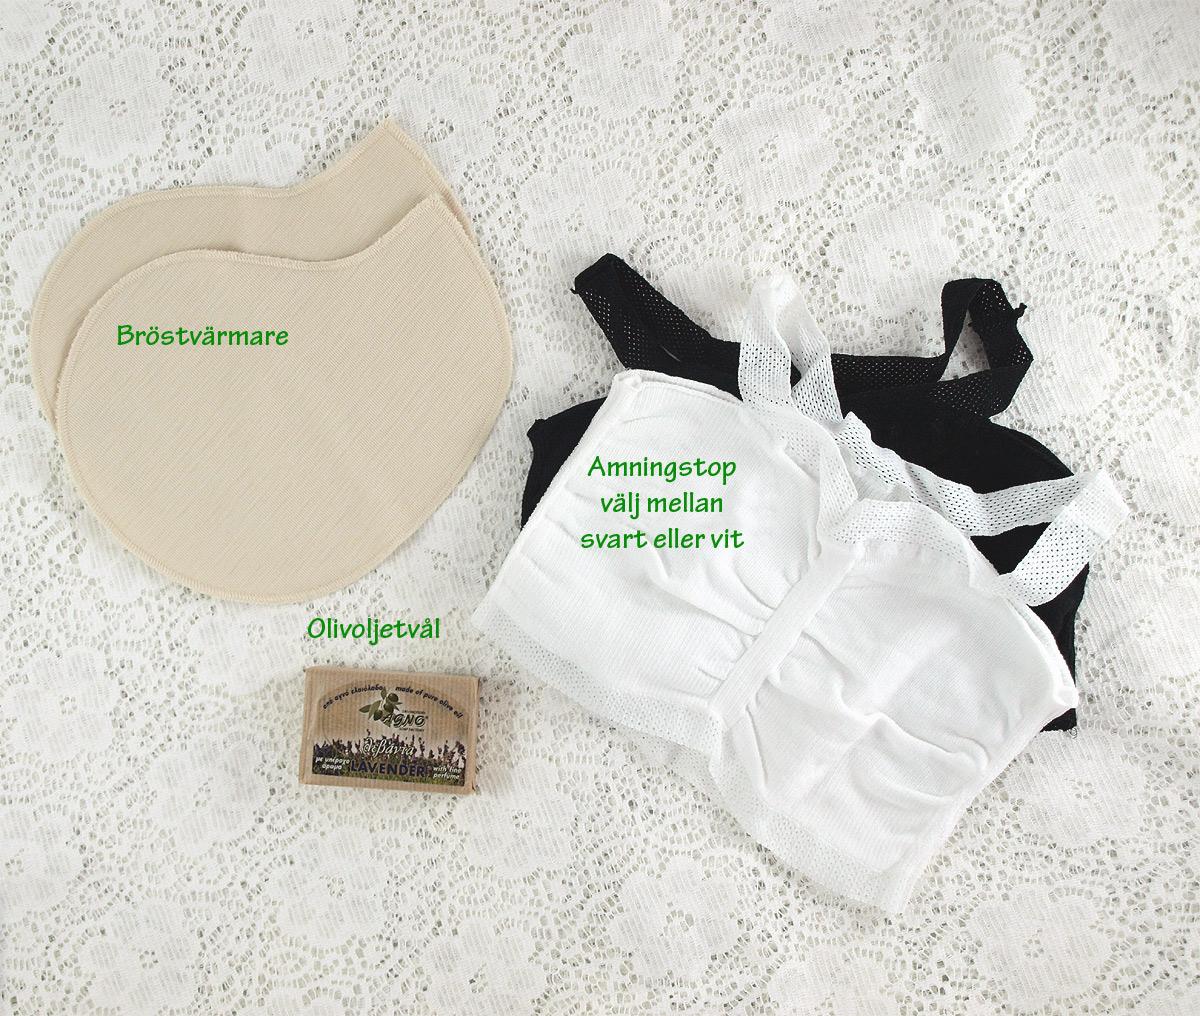 Minimundus lilla amningspaket bröstvärmare, tvål och amningstop